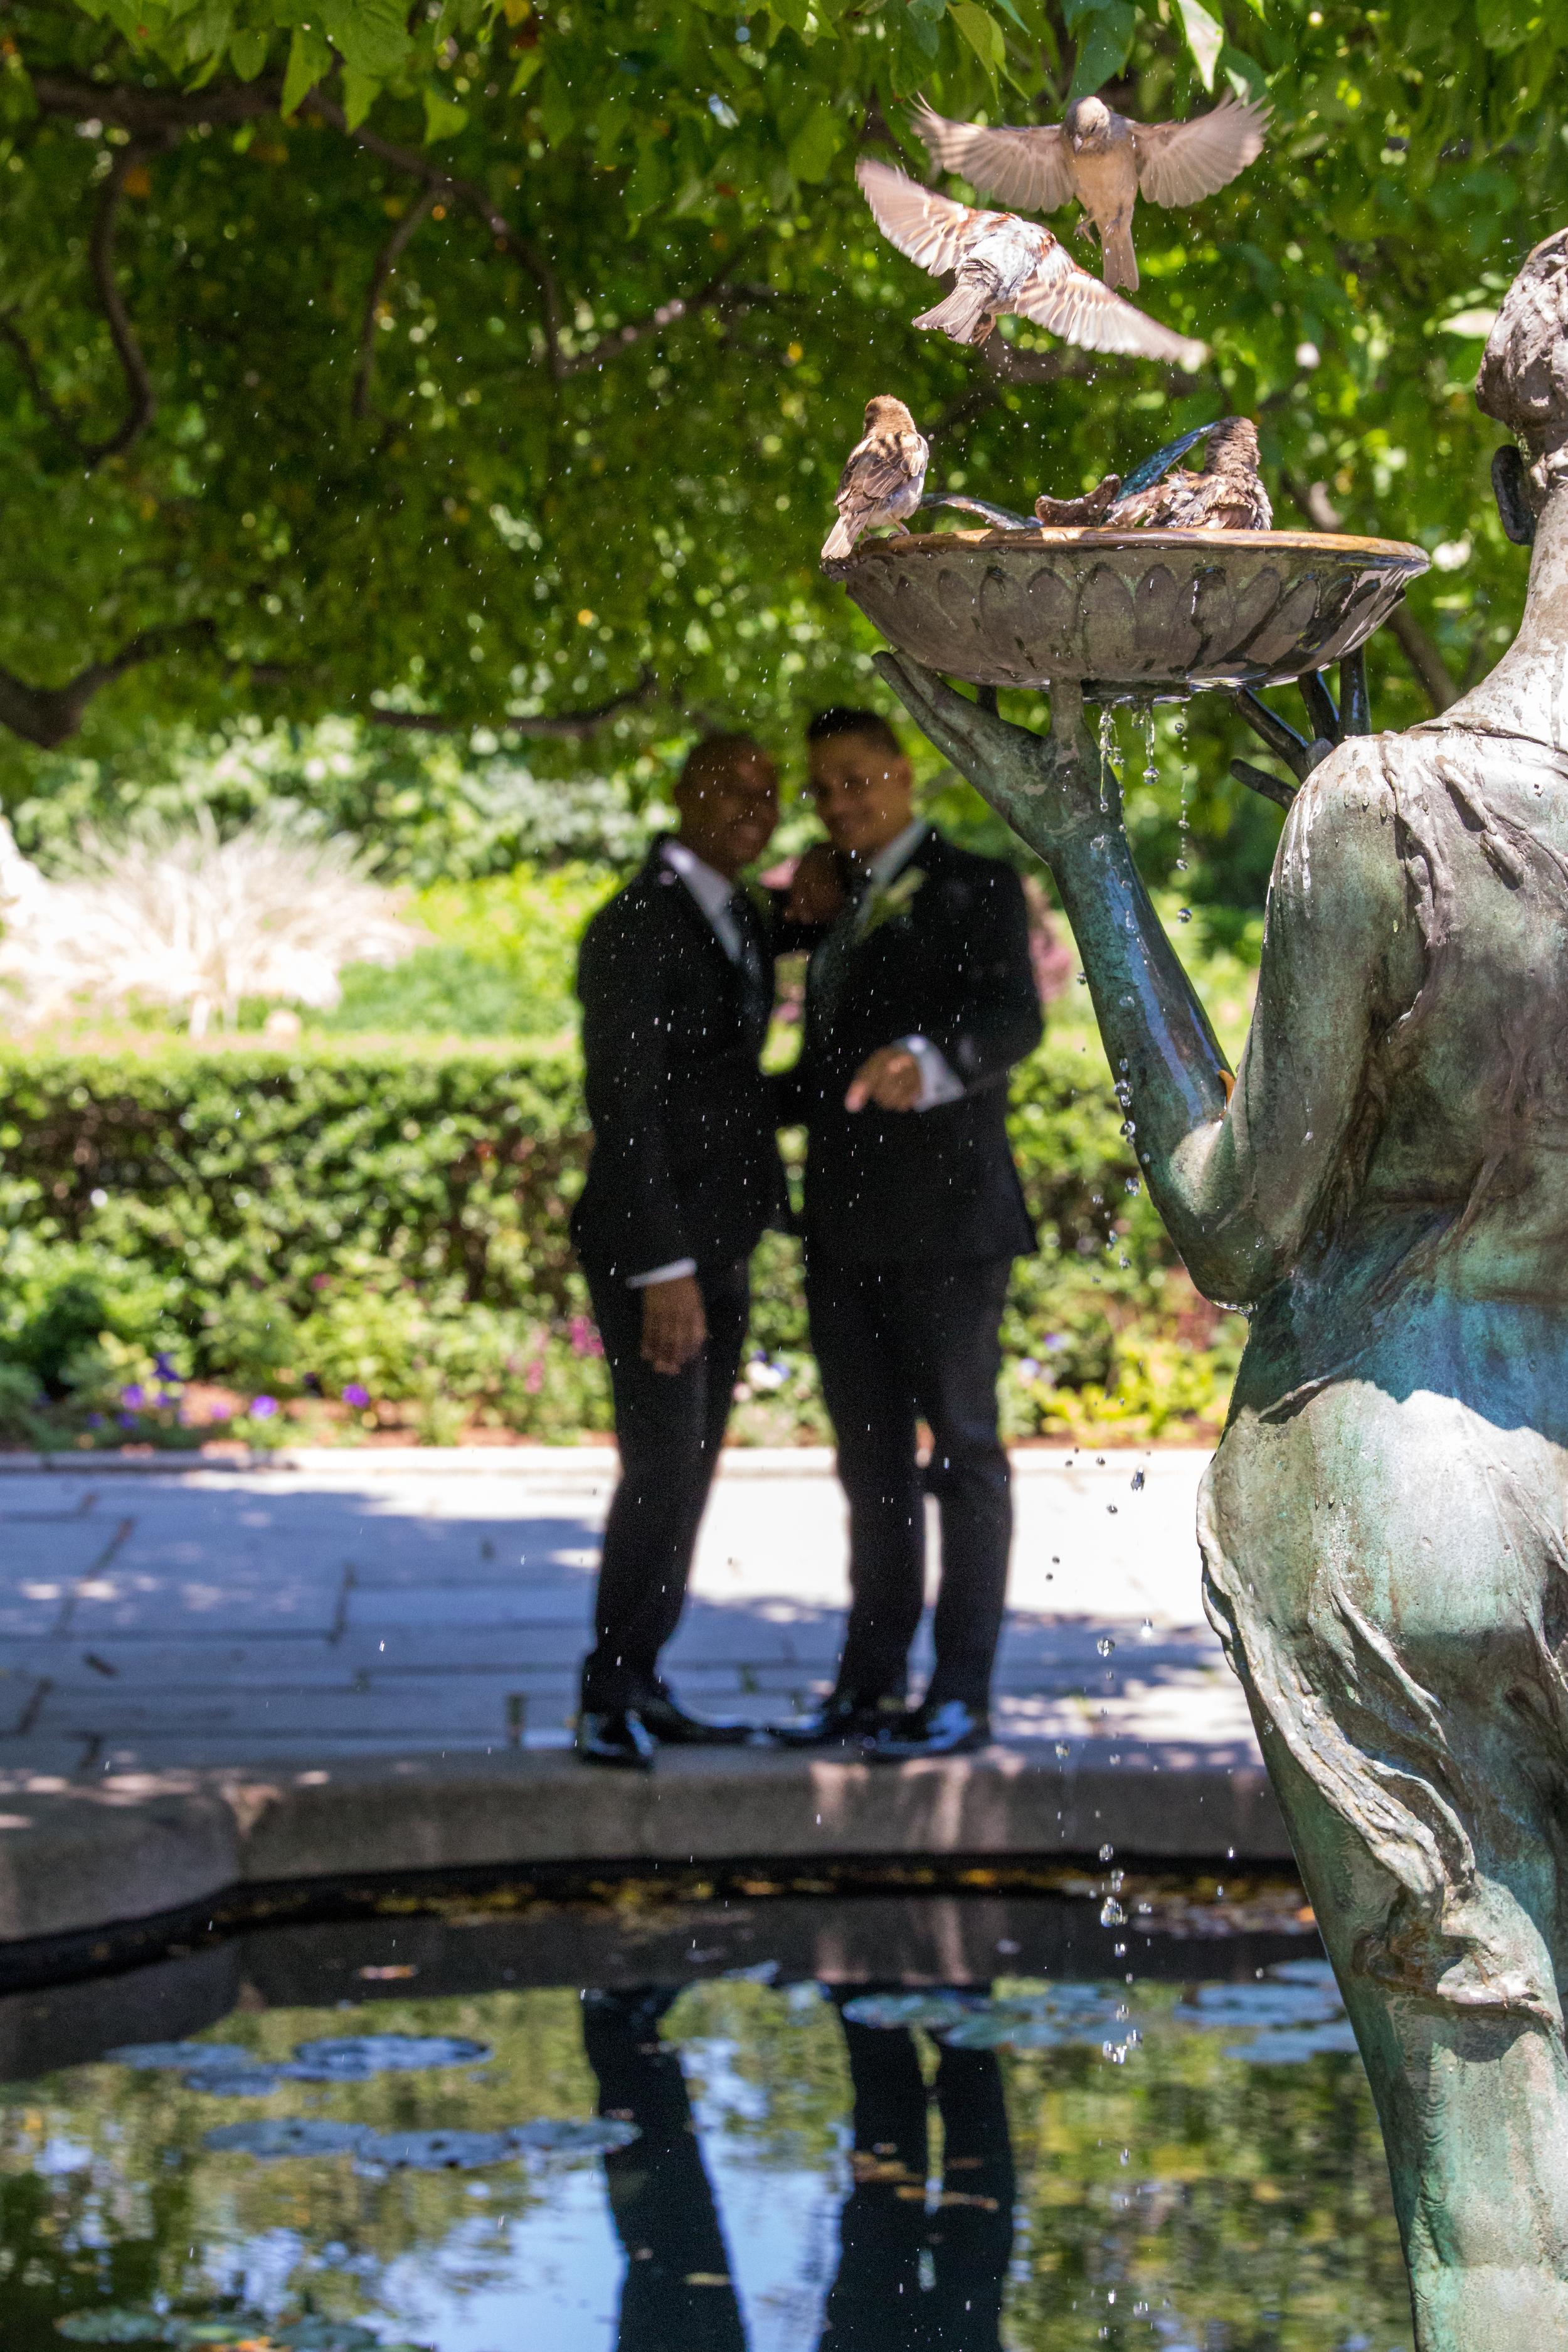 Conservatory-garden-wedding-2016-cheri-1.jpg